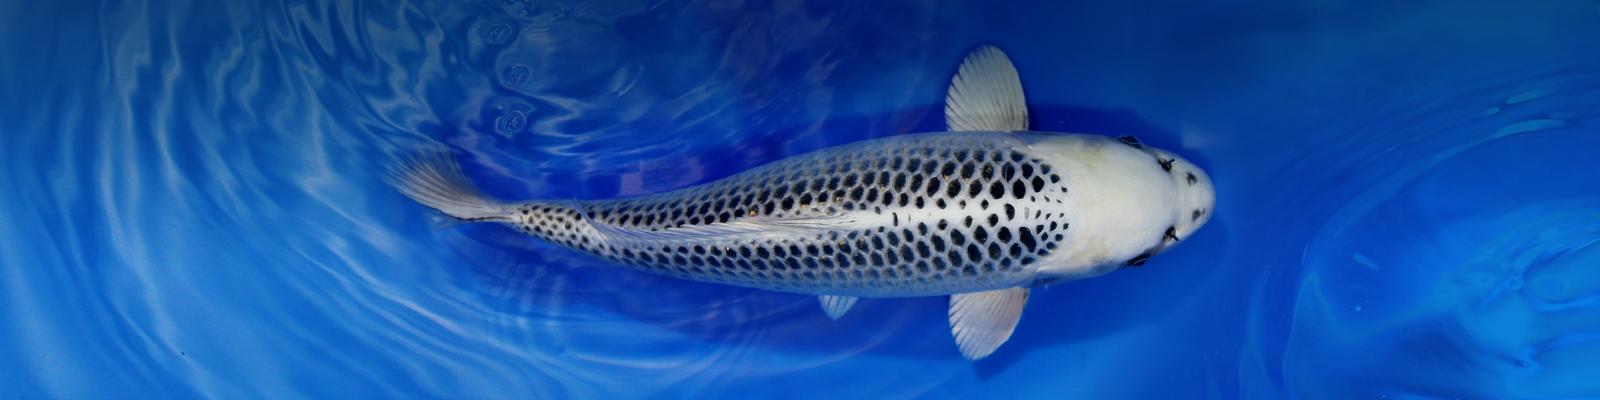 koi online shop koi karpfen kaufen kois fisch importe aus japan